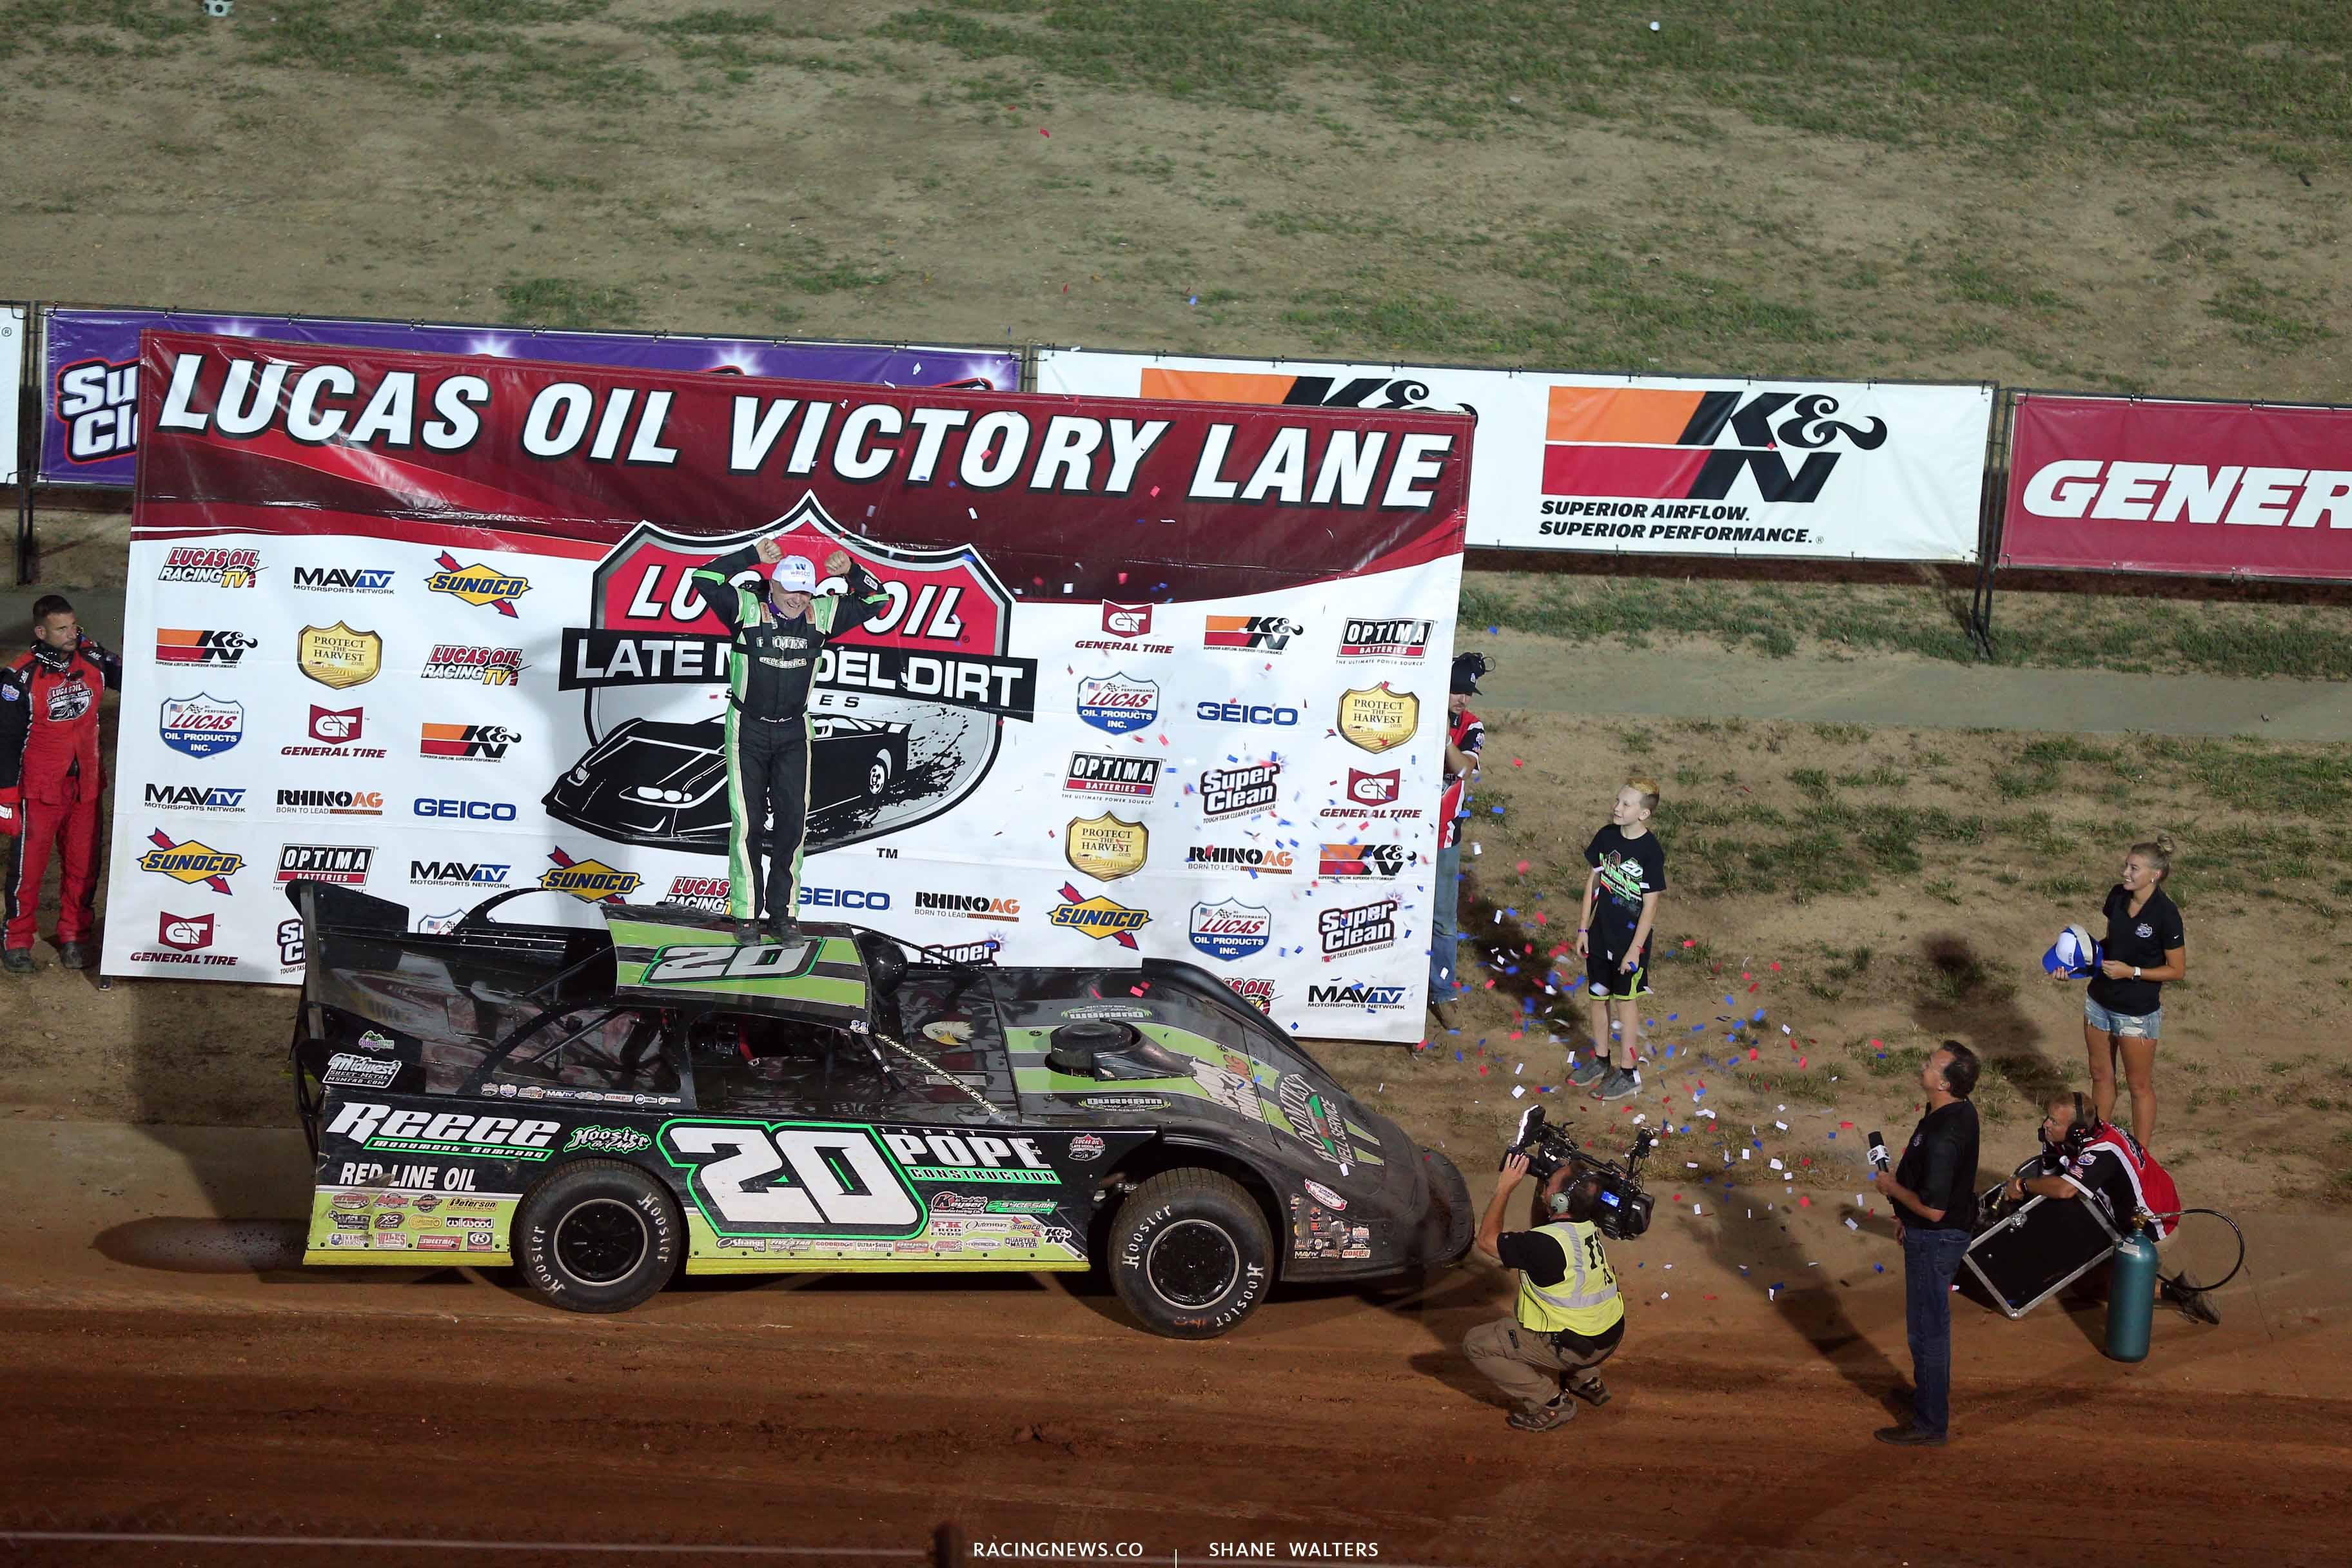 Jimmy Owens in Lucas Oil Victory Lane 0290